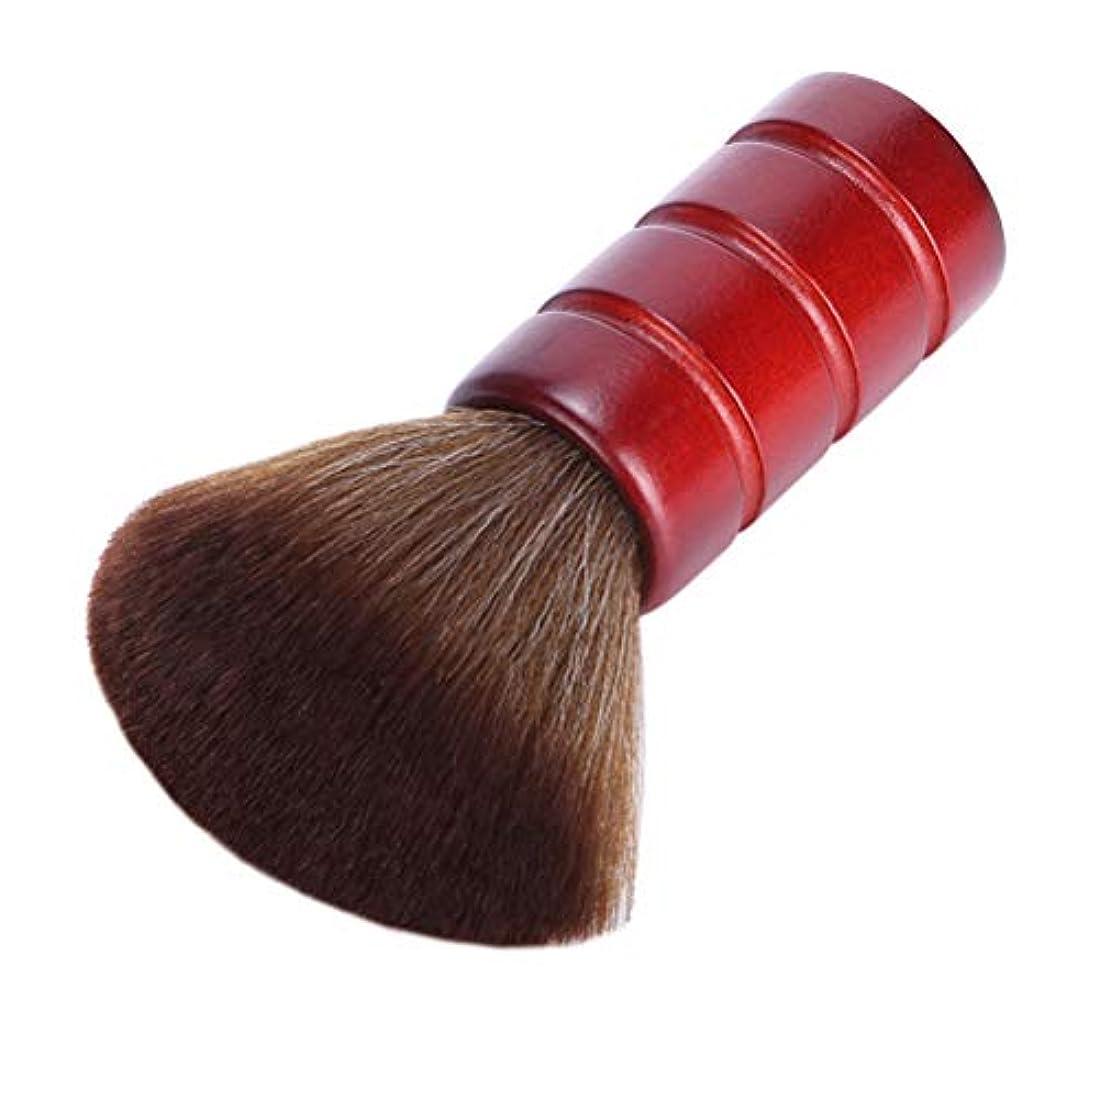 うまれた幸運なことに音楽Lurroseプロフェッショナルヘアカットブラシソフトファイバーフェイスネックダスターブラシ理髪サロン理容ツール